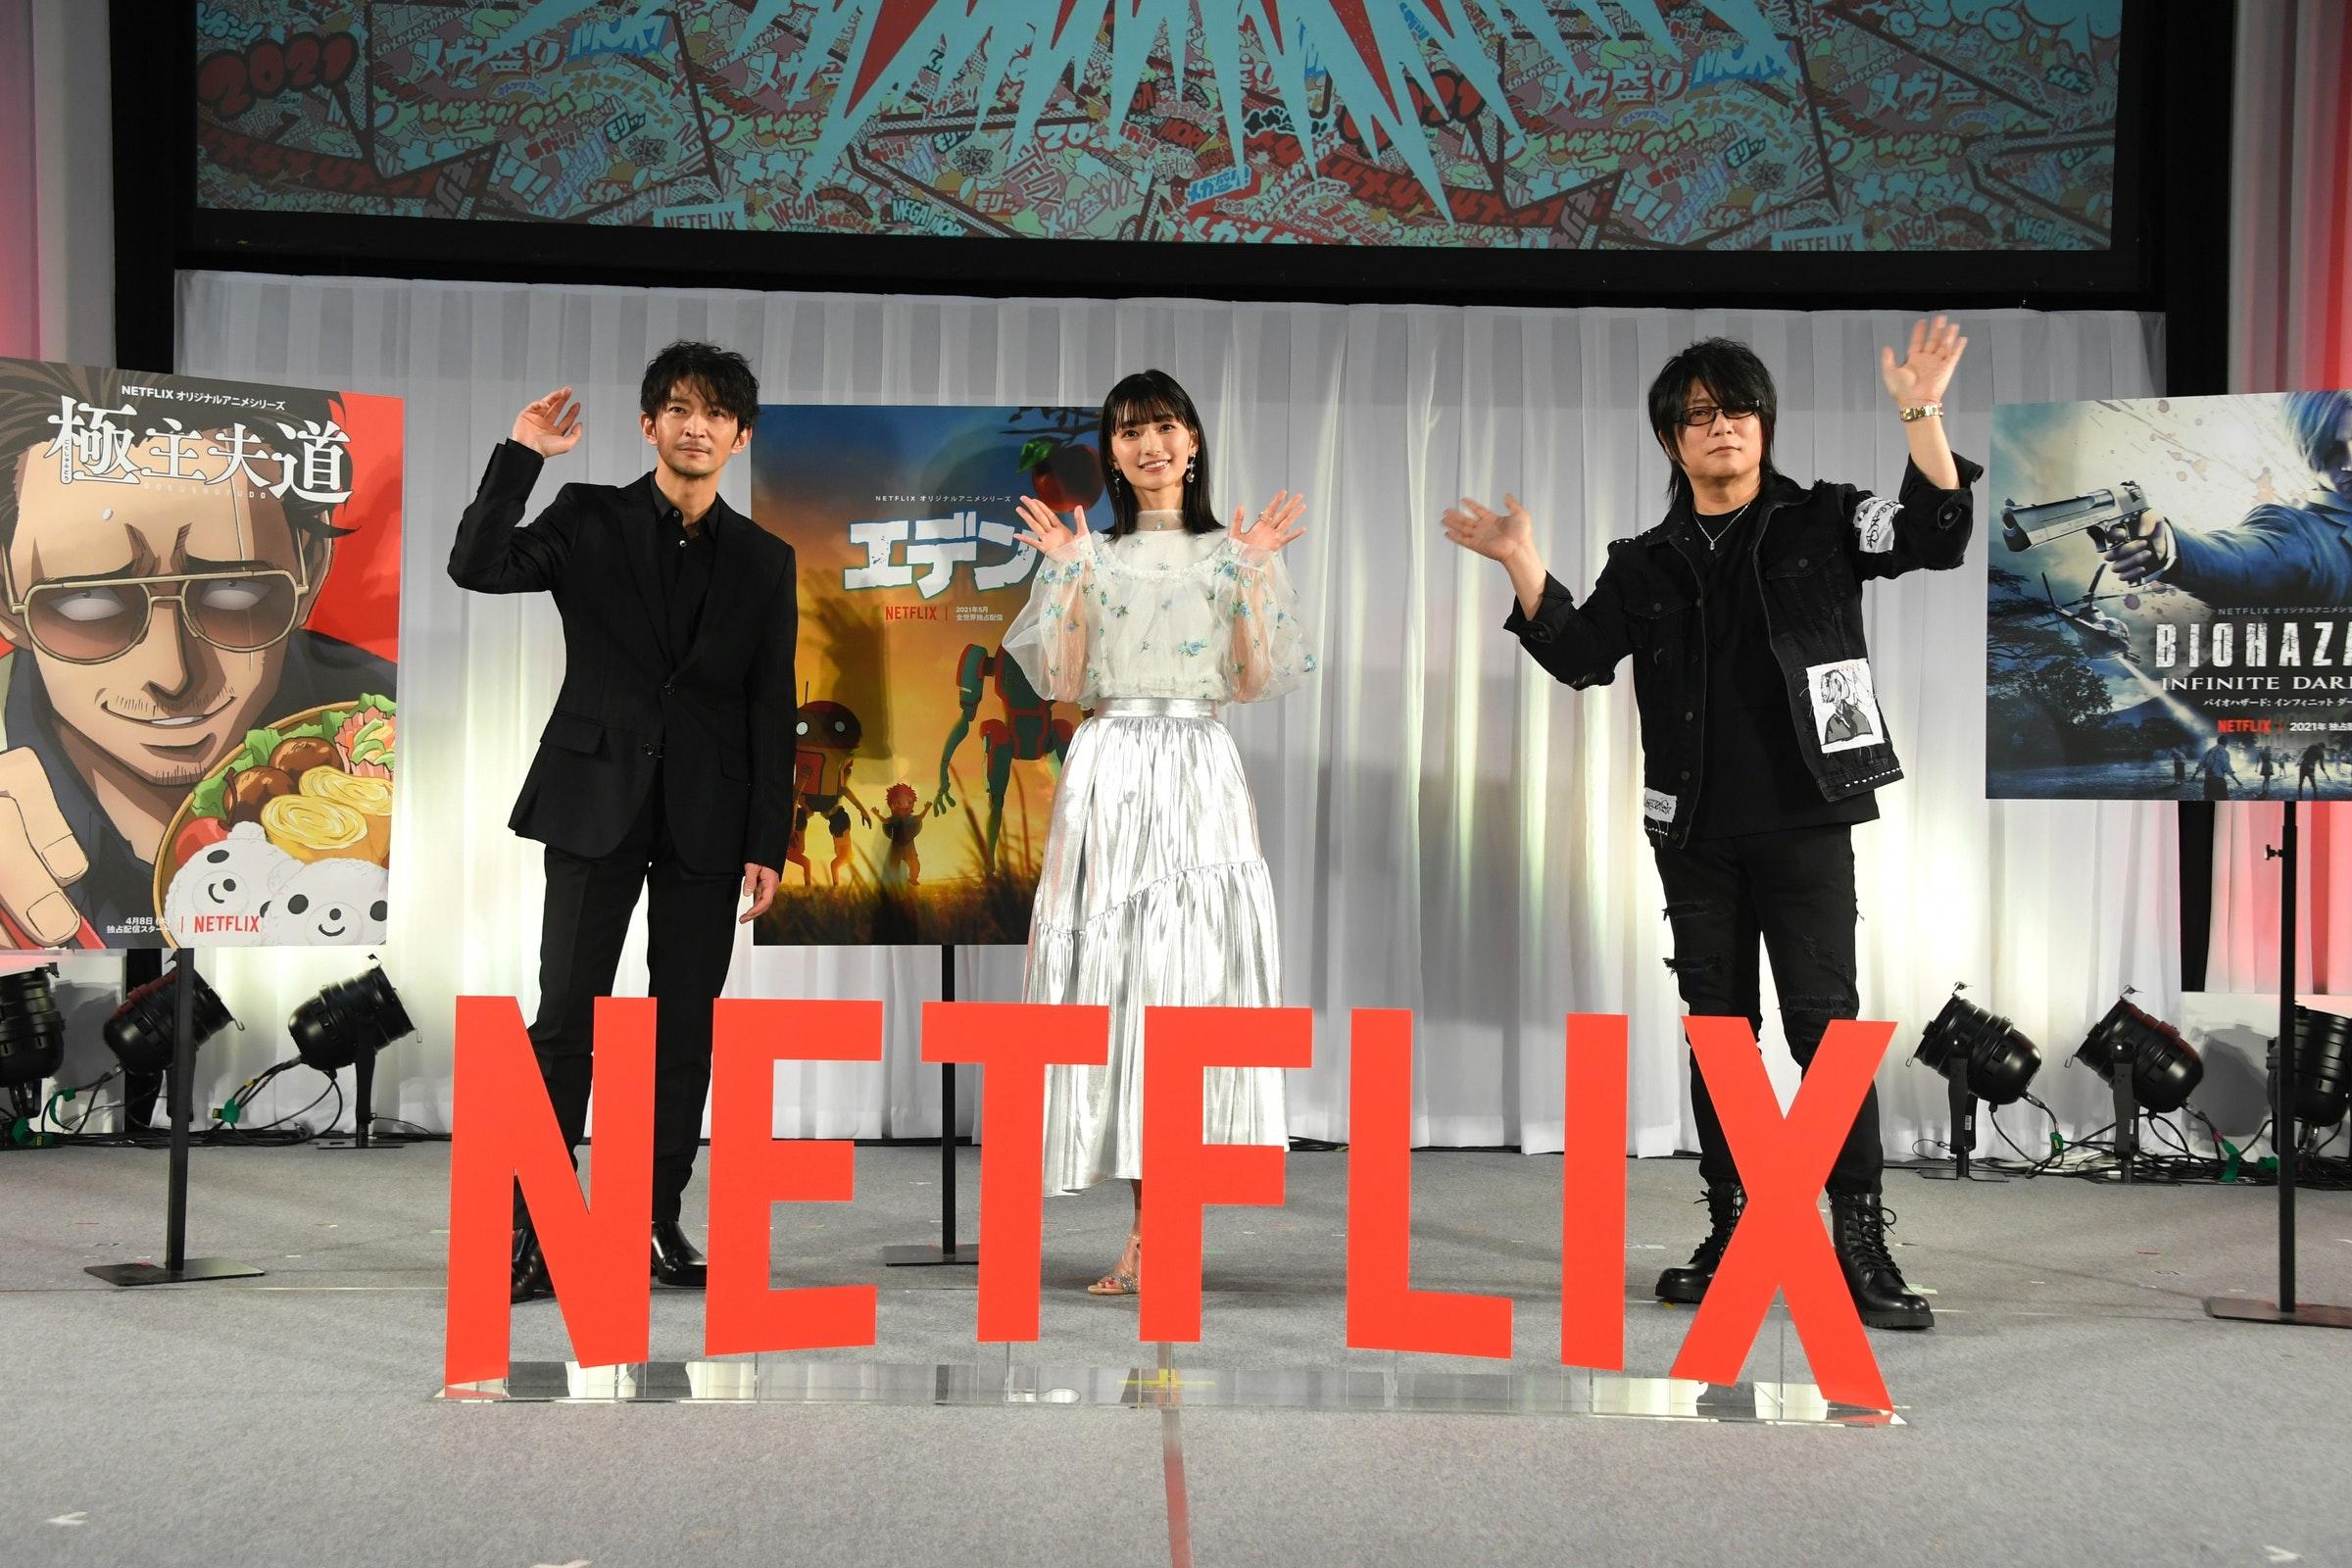 照片中提到了IRE NE、盛0、THbys,跟億萬富翁男孩俱樂部有關,包含了Netflix 日本動漫 2021、岡田麻里、日本動漫 2021、津田健次郎、彌助